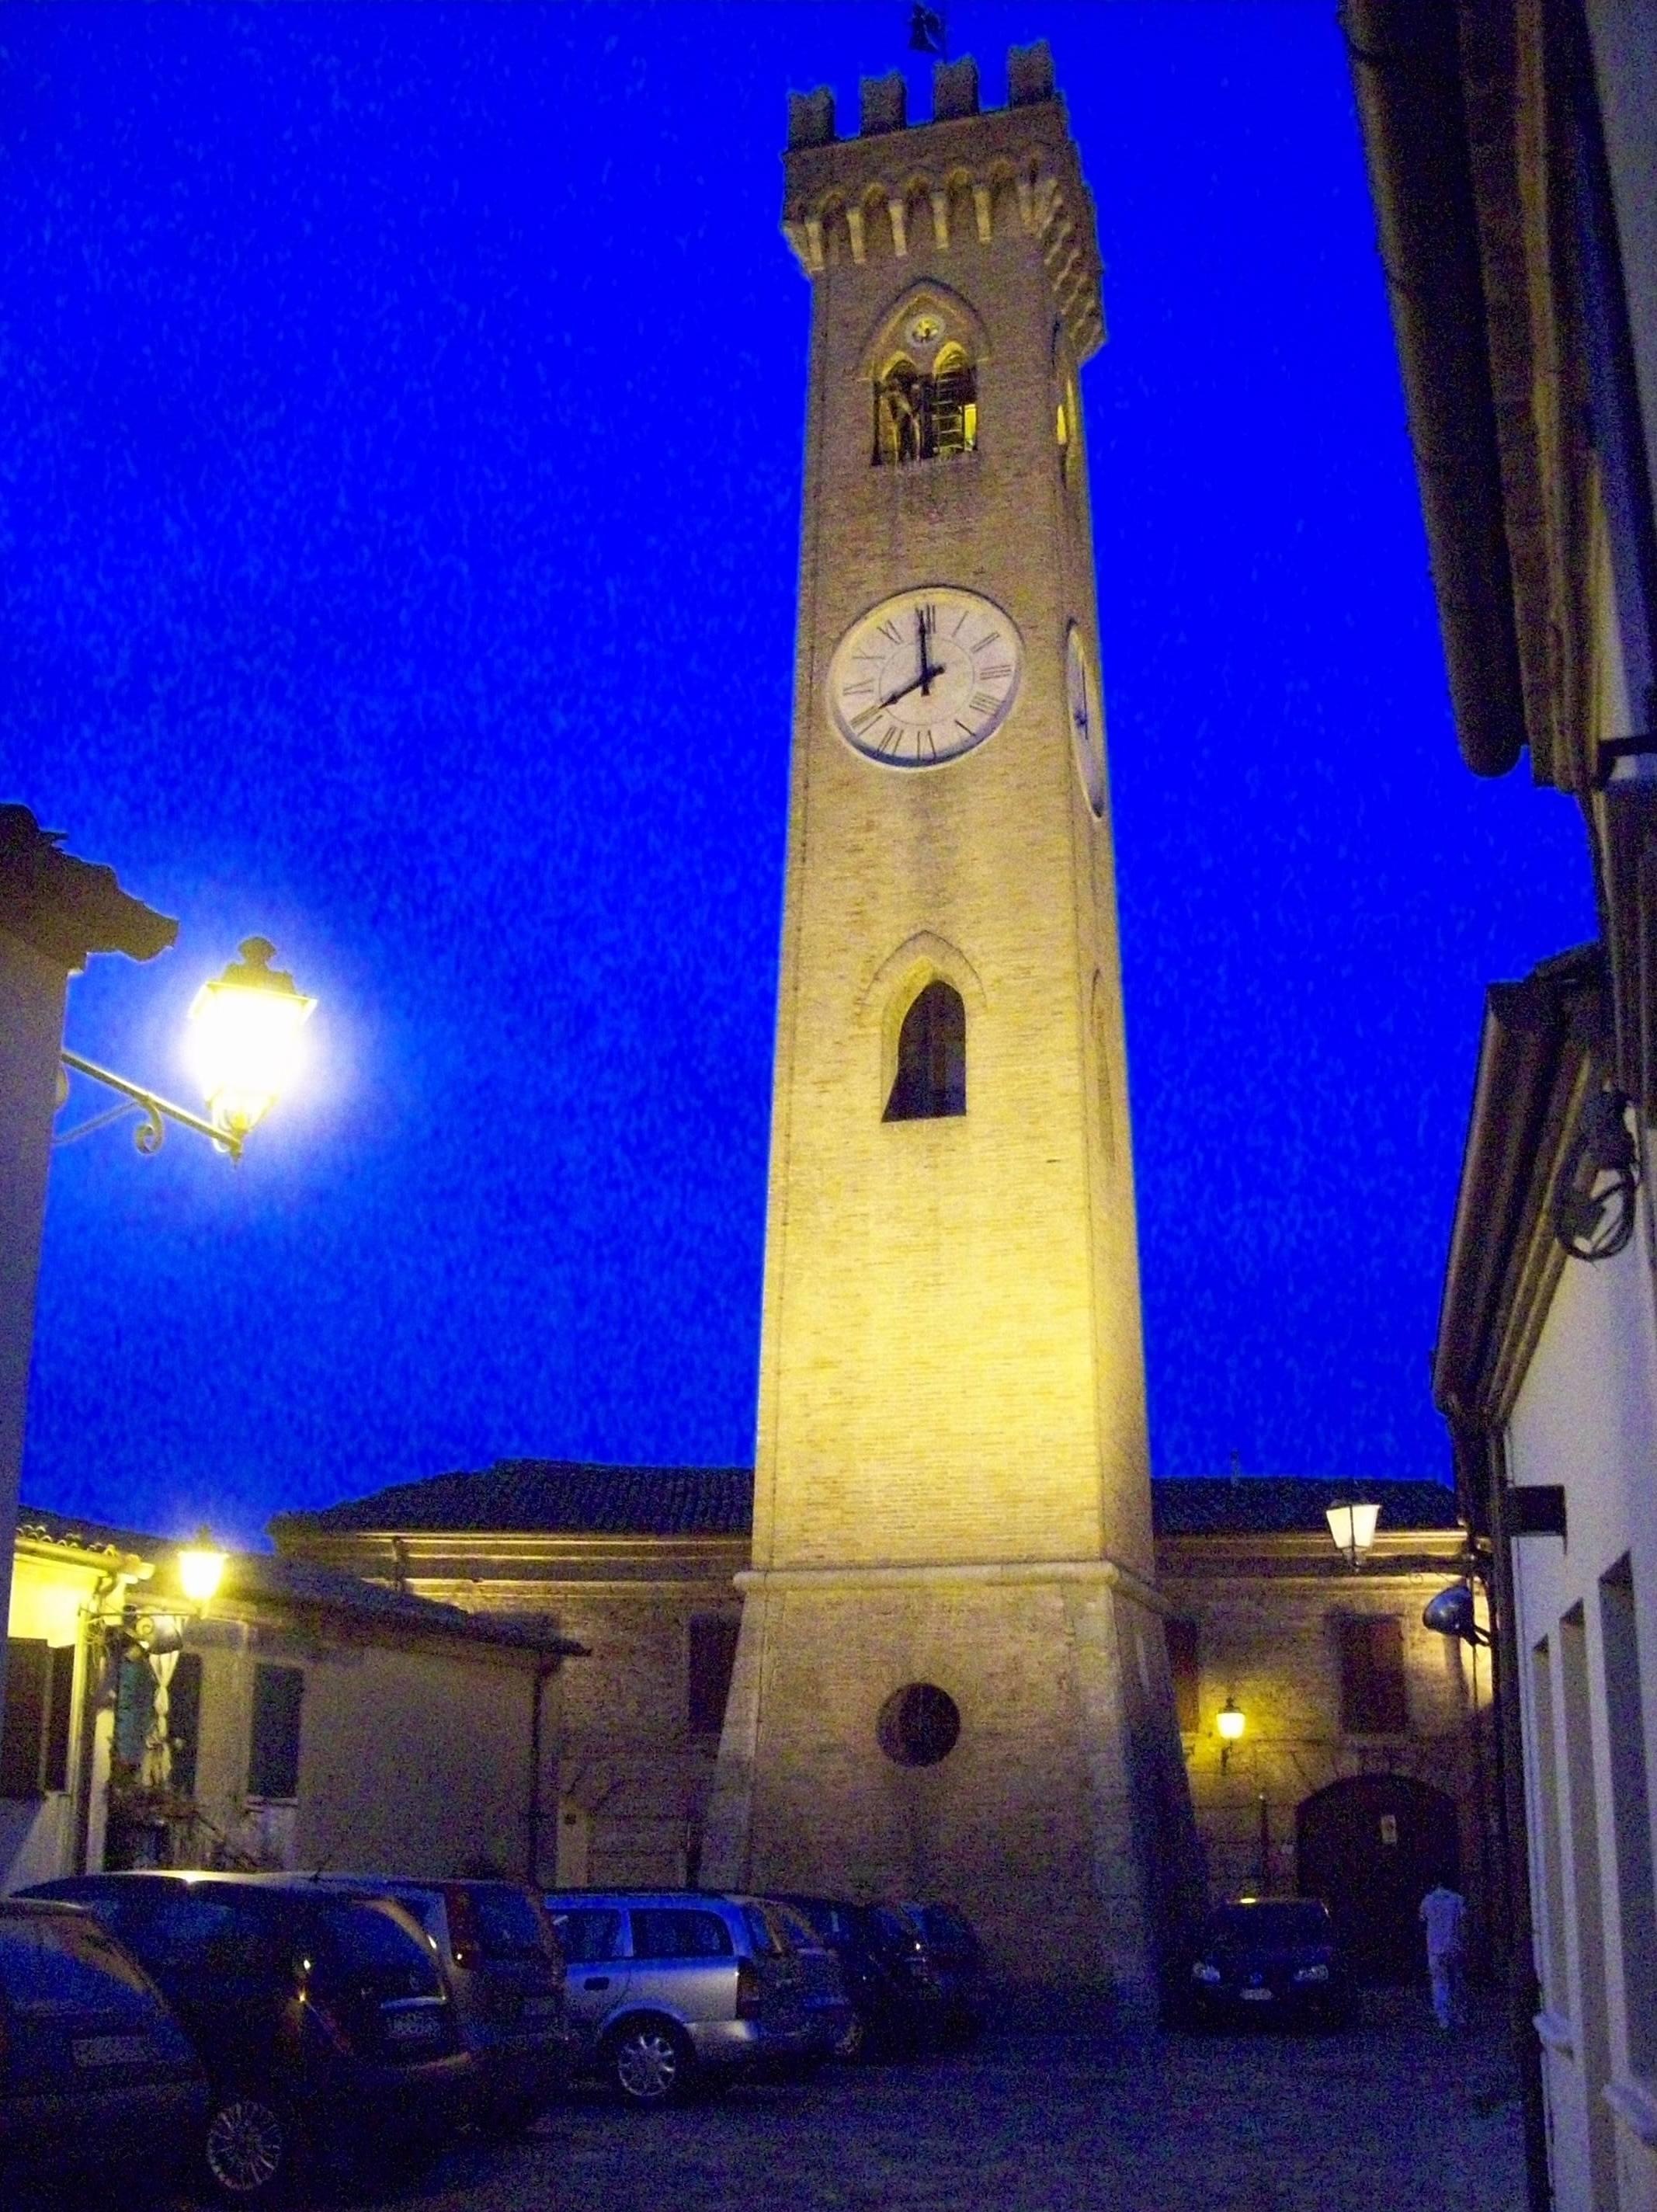 Santarcangelo di Romagna, (Rimini, Emilia – Romagna)